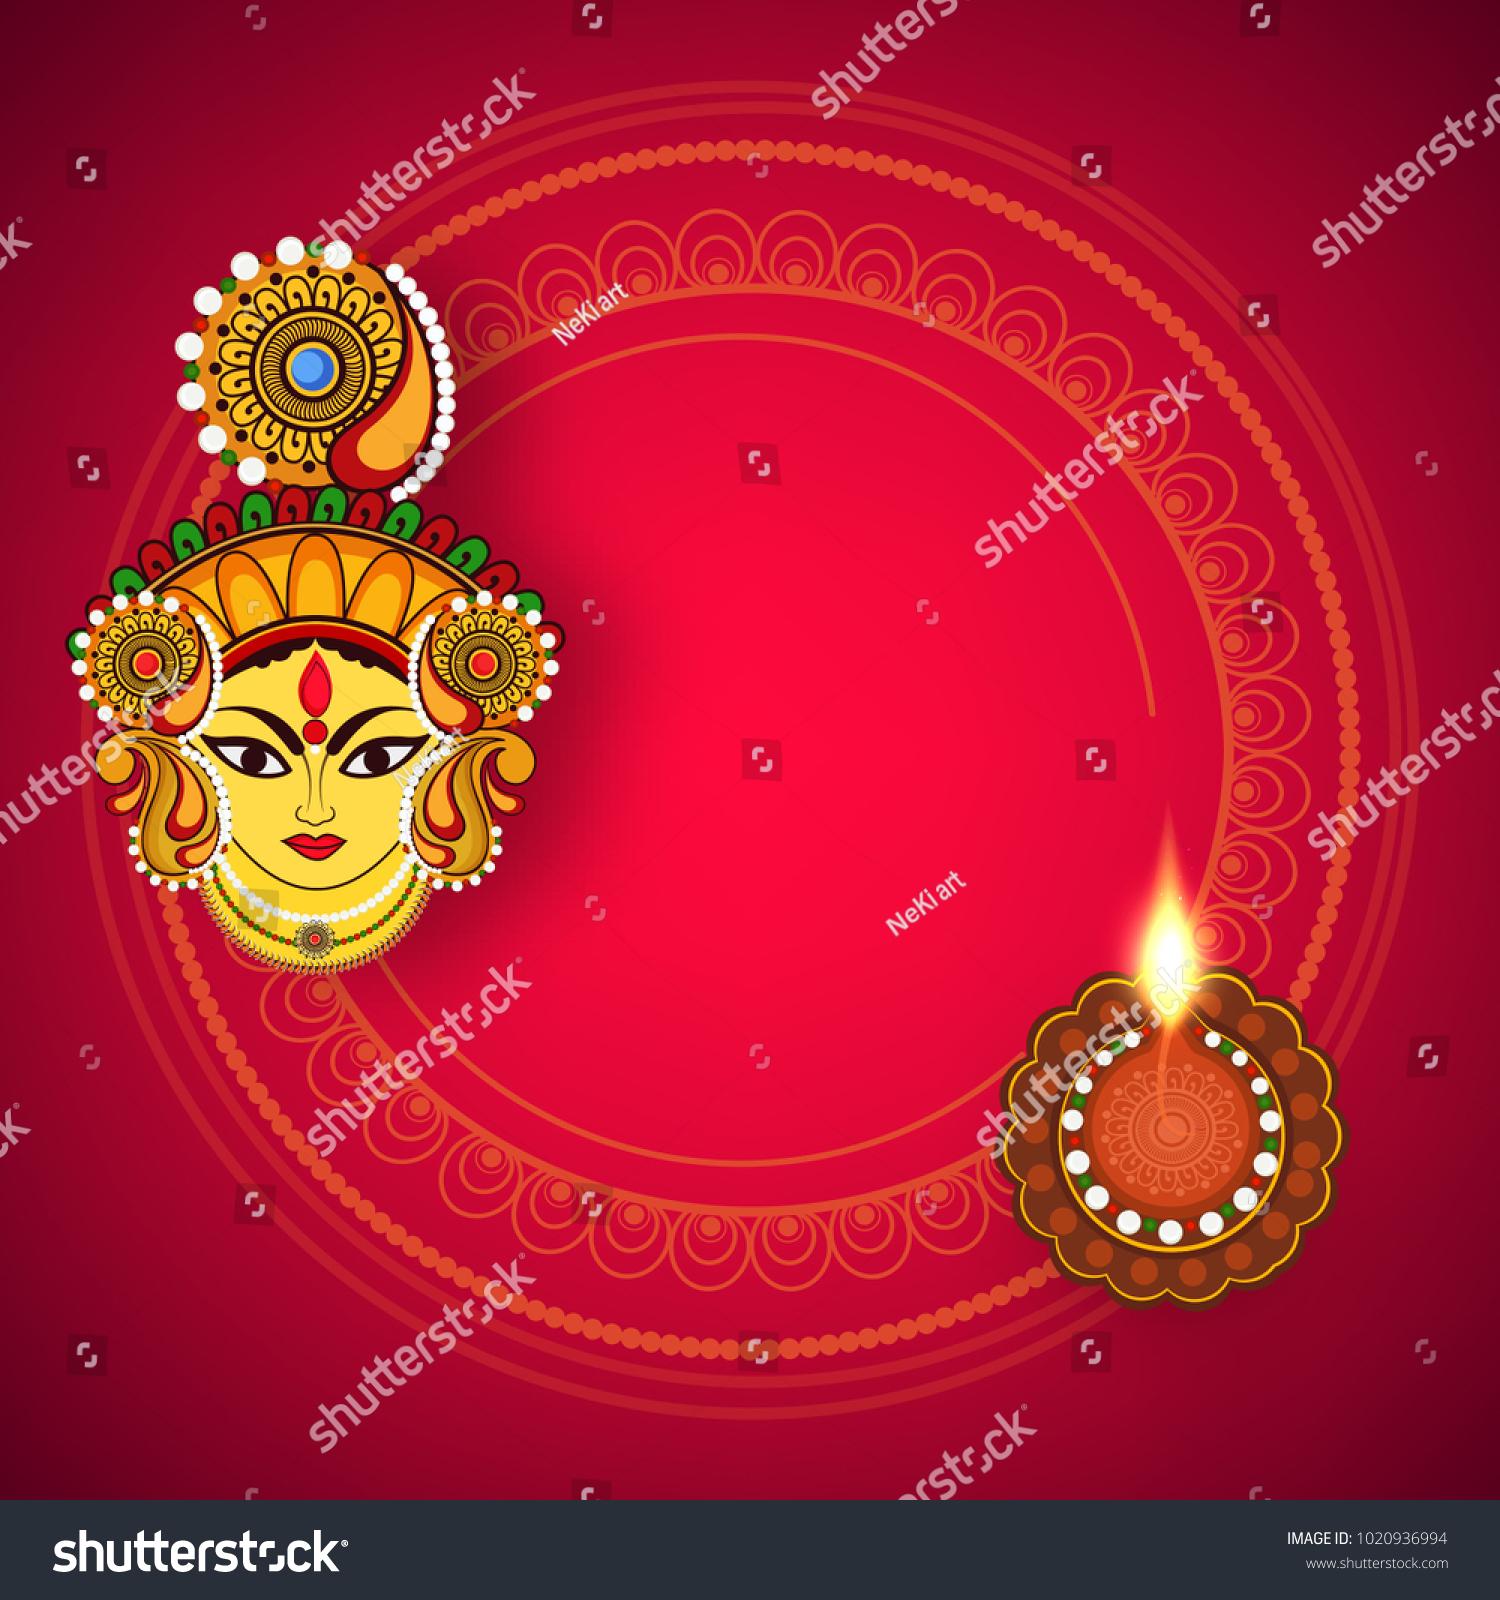 Abstract Editable Vector Hindu Festival Chaitra Stock Vector